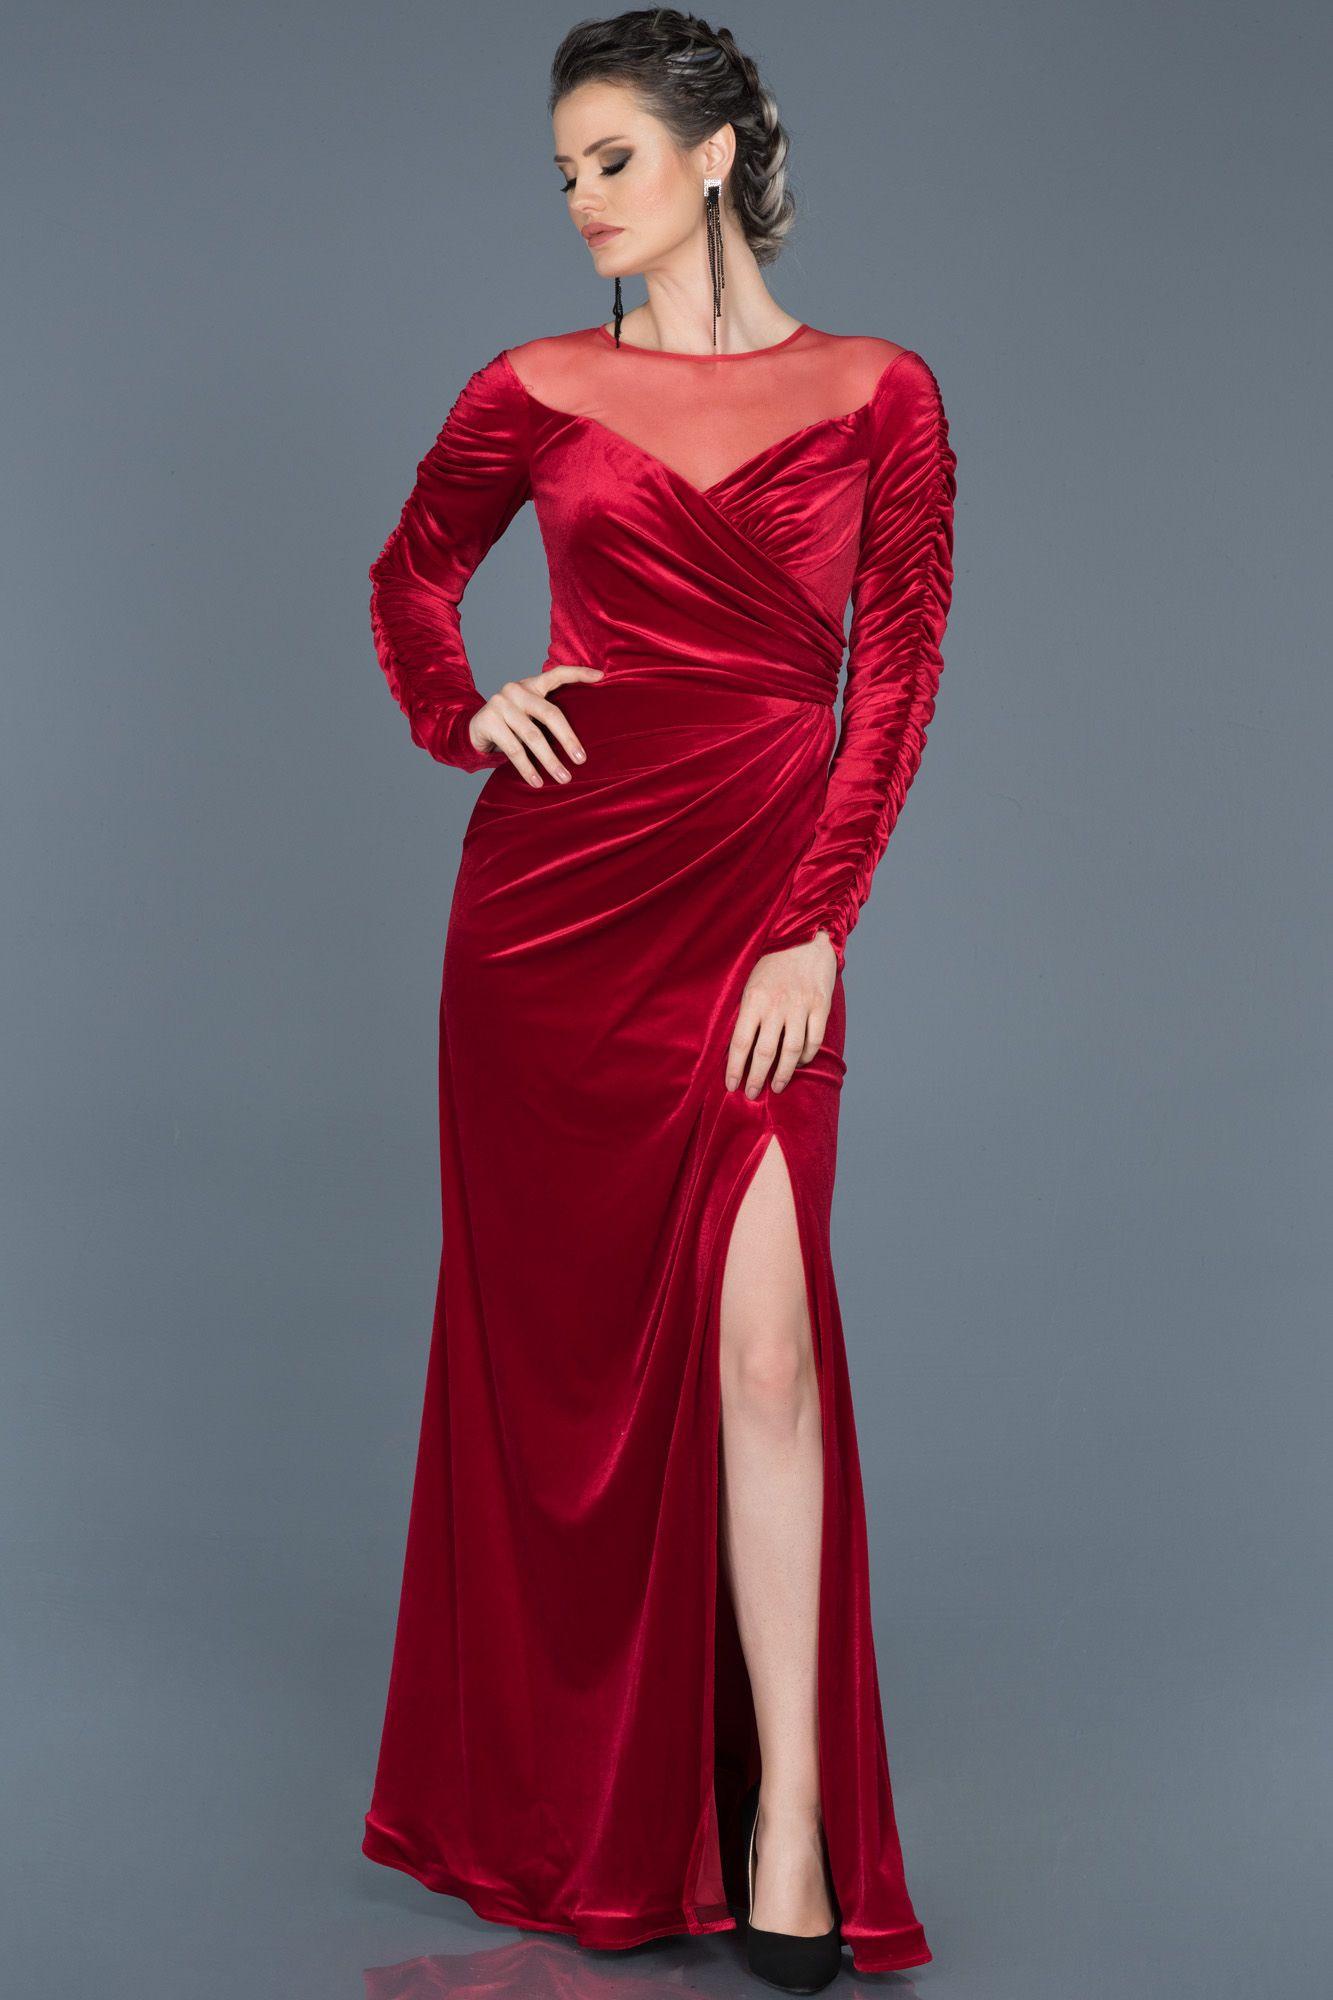 Kirmizi Yirtmacli Uzun Kadife Abiye Abu527 Payet Elbise The Dress Moda Stilleri